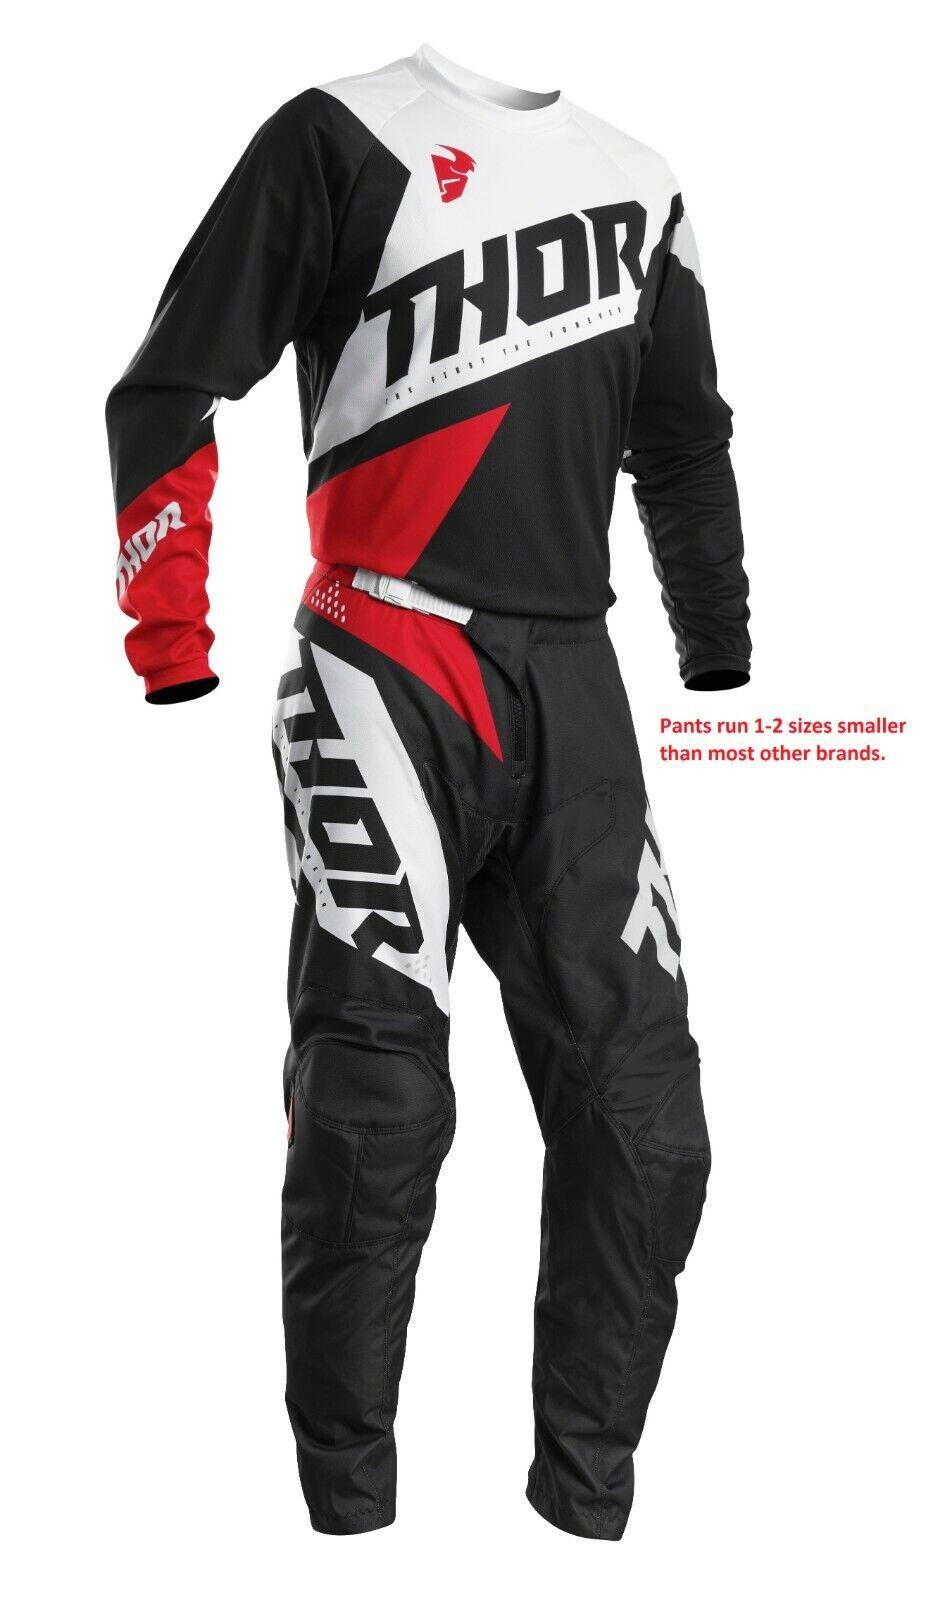 Thor Sector Shear Black// Gray Gear Combo 36//XL Motocross ATV Offroad